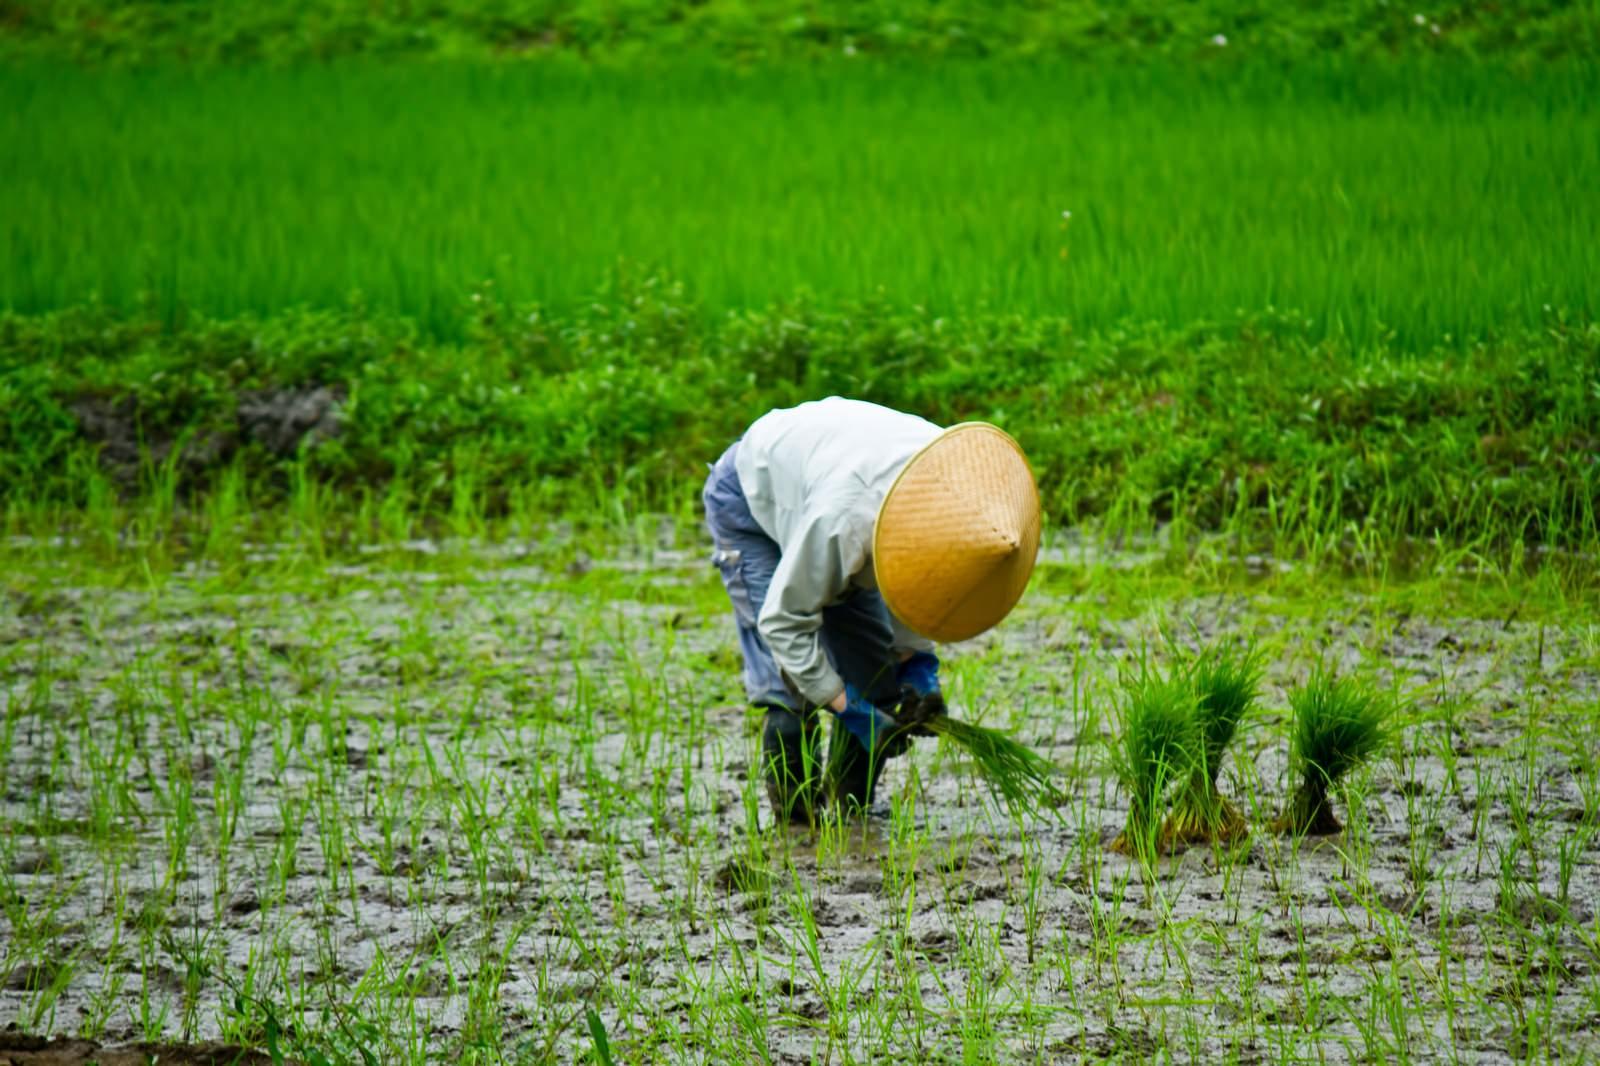 「手作業での田植え手作業での田植え」のフリー写真素材を拡大